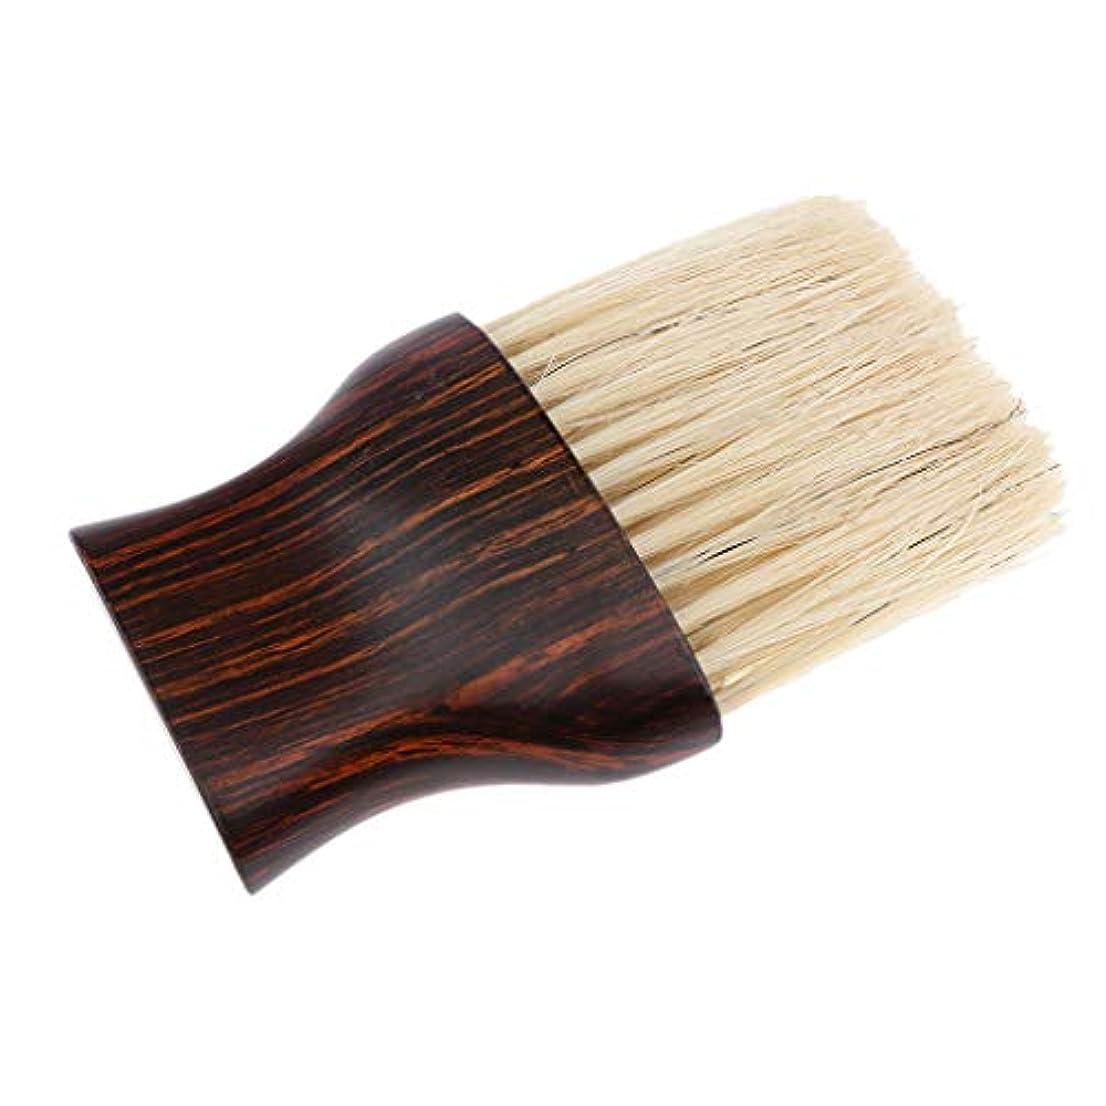 球体ドキドキ工場ヘアブラシ 毛払いブラシ 散髪 髪切り 散髪用ツール 床屋 理髪店 美容院 ソフトブラシ